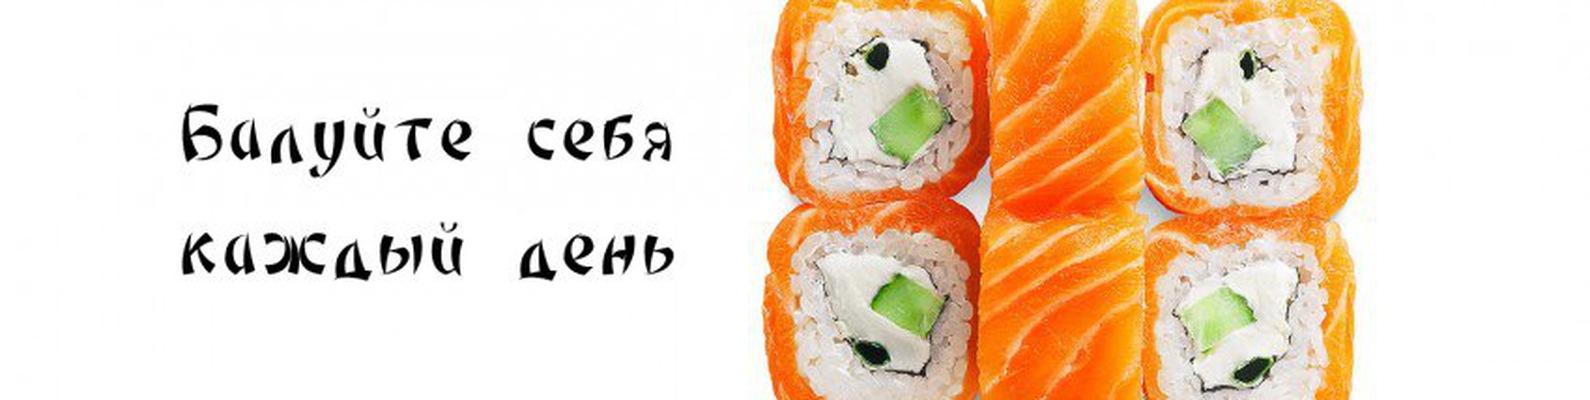 Картинка суши с надписями